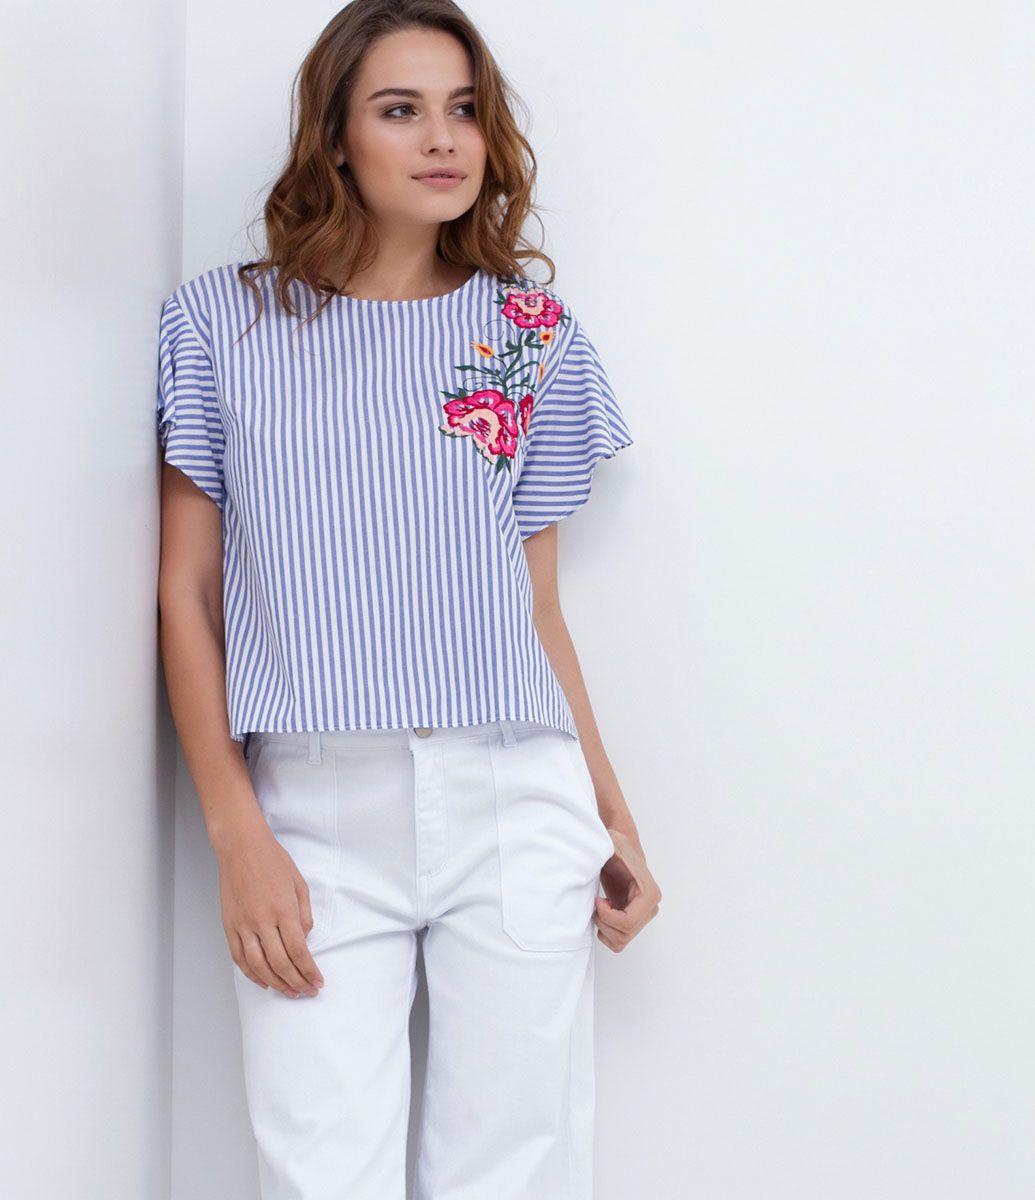 Blusa feminina Manga curta Listrada Com bordados Gola redonda Marca:  Marfinno Tecido: tricoline Modelo